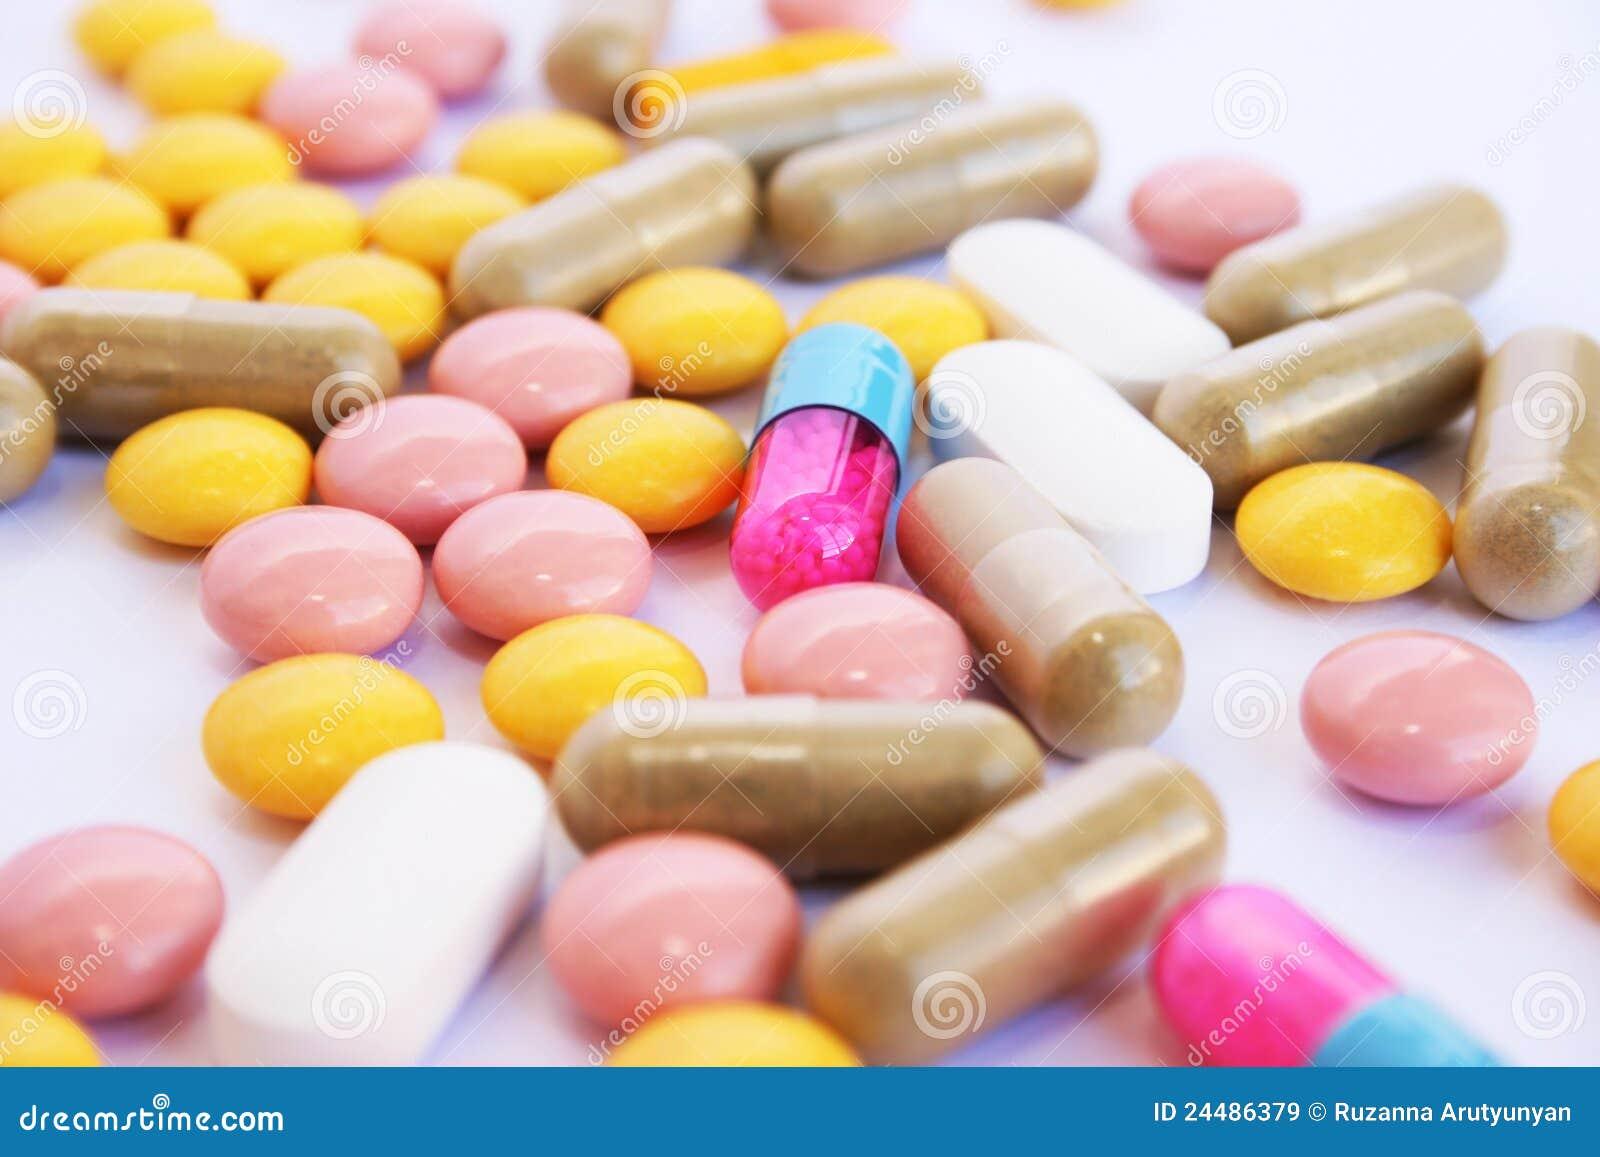 Medizinische Pillen Und Tabletten Stockbild - Bild von